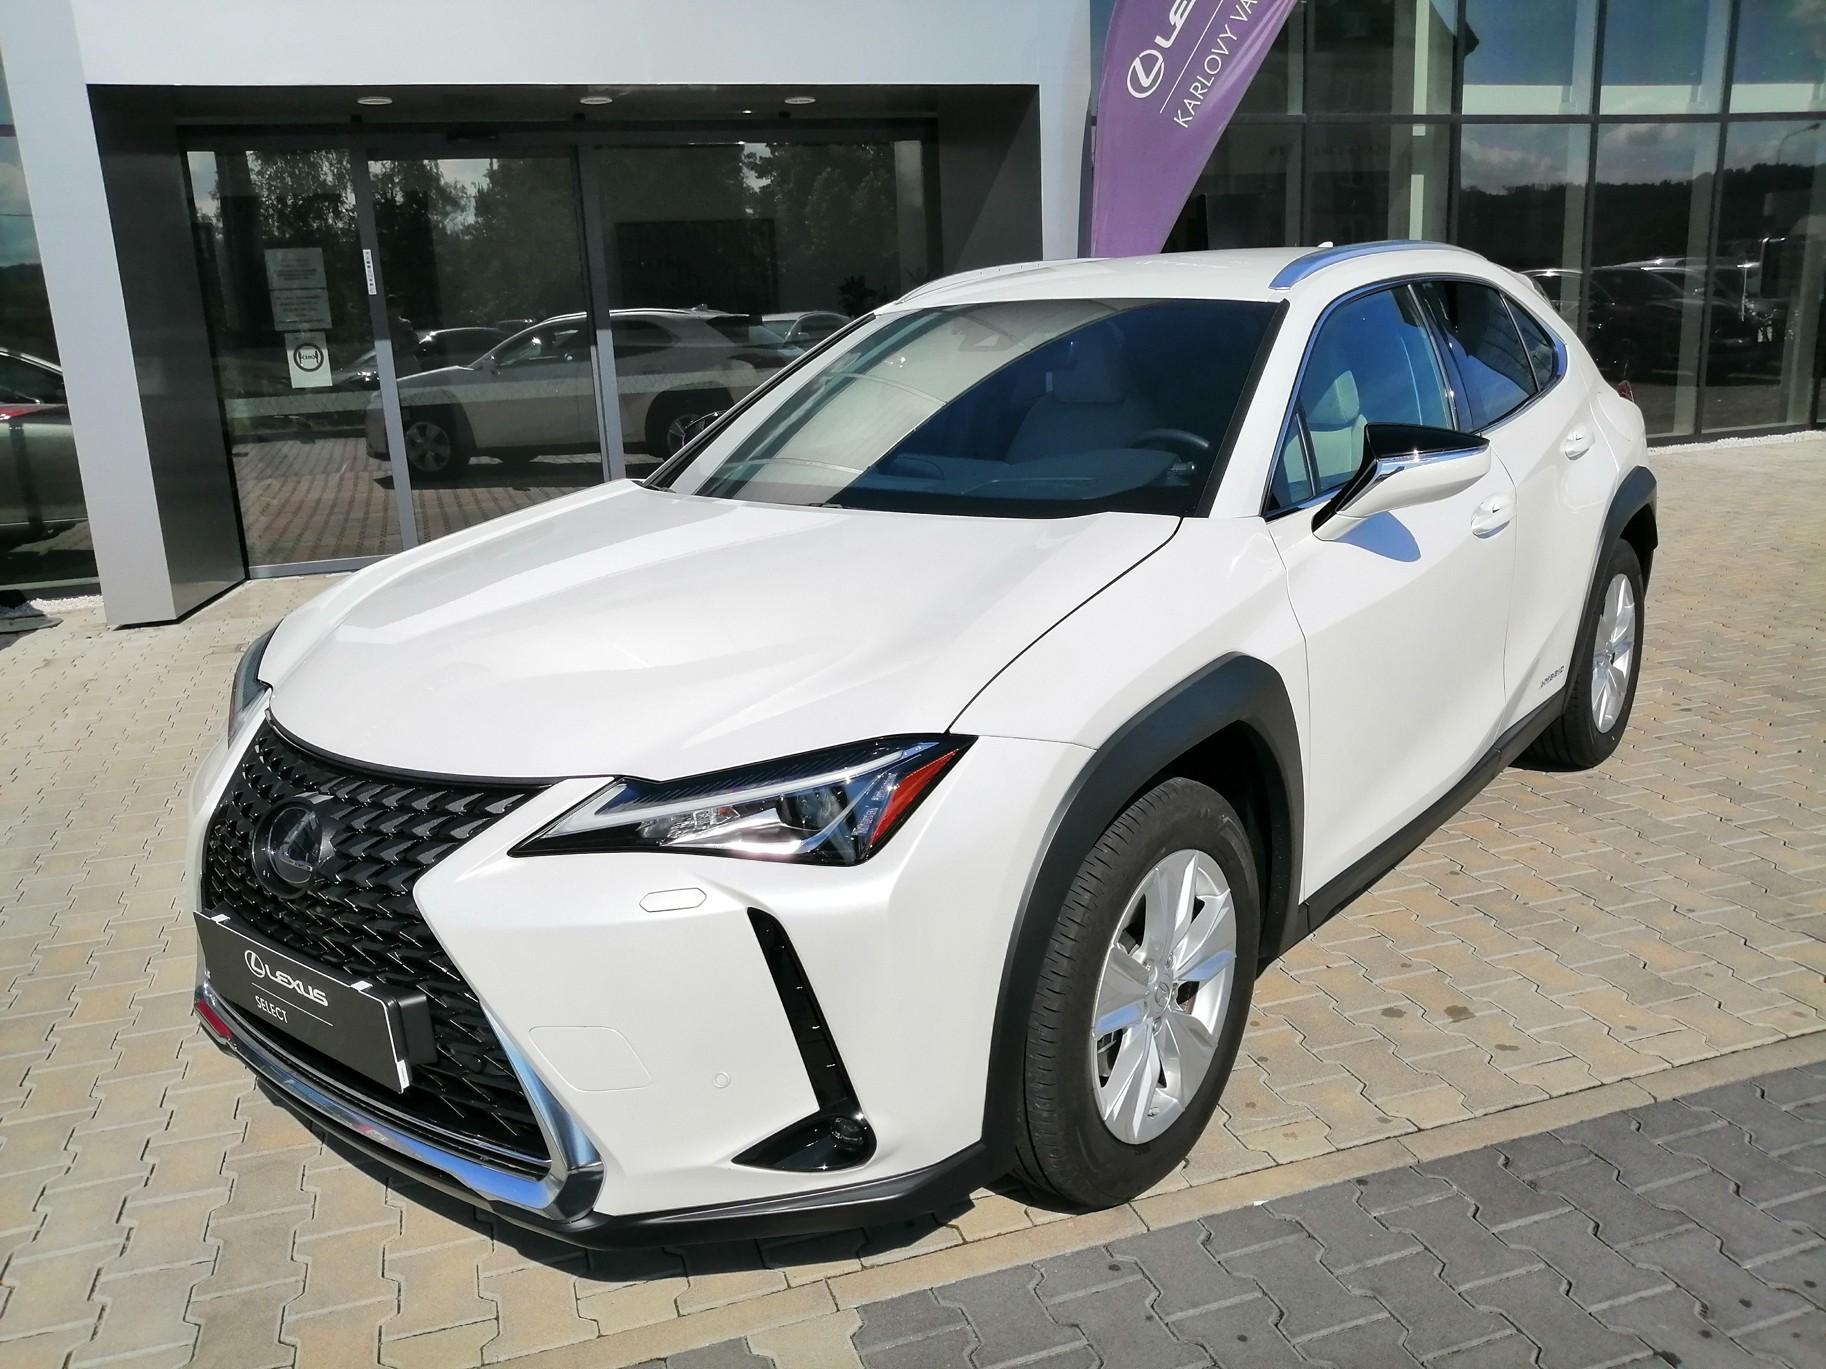 Lexus UX 250h 2.0 L Petrol Hybrid (184 k) aut. e-CVT (4X4) COMFORT TOP